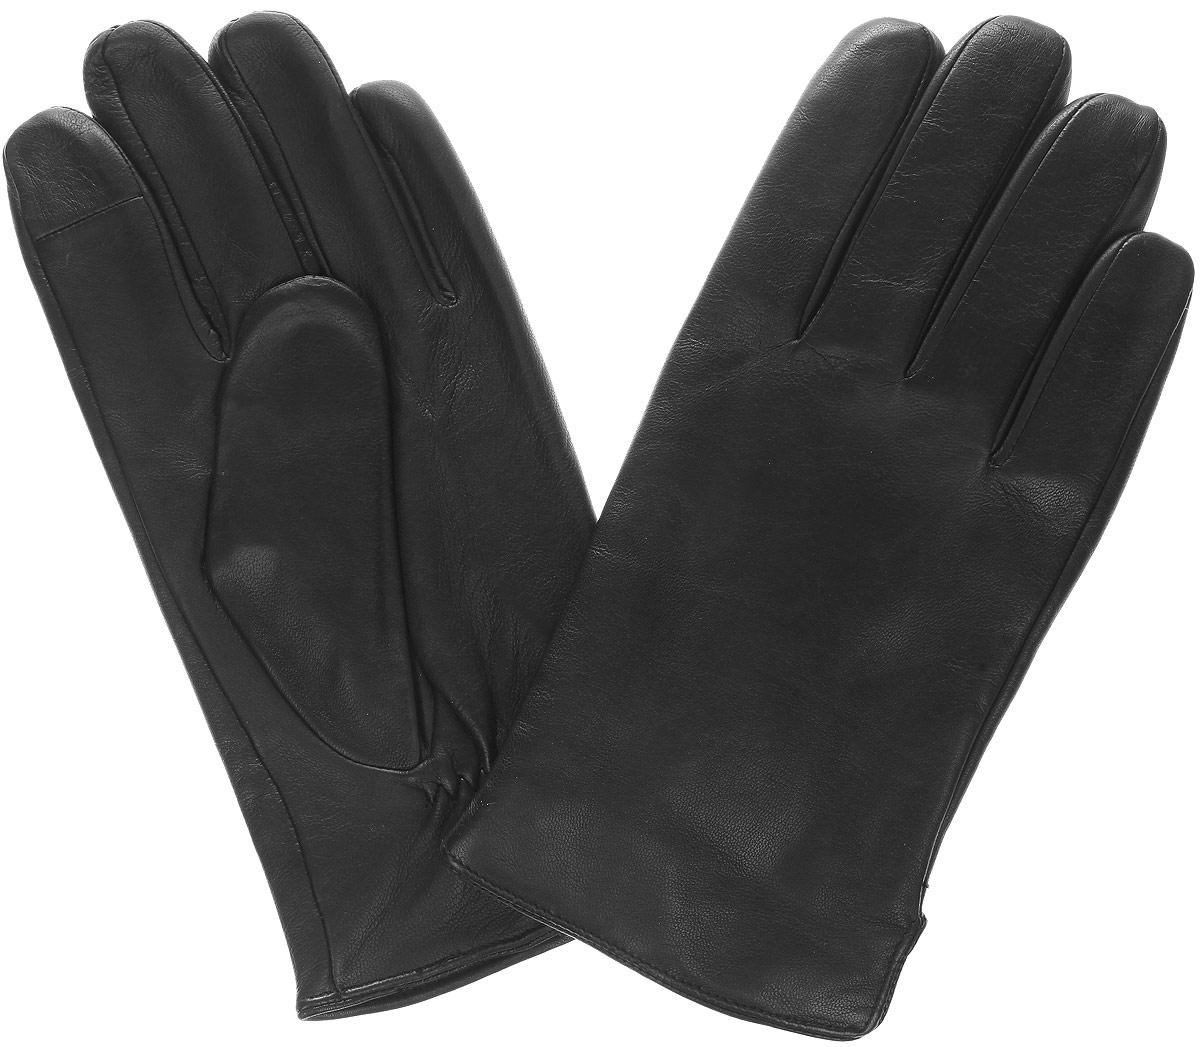 LB-PH-75LМужские перчатки Calvin Klein Jeans не только защитят ваши руки от холода, но и станут стильным аксессуаром. Перчатки выполнены из мягкой и приятной на ощупь овечьей кожи на подкладке из шерсти с добавлением нейлона. Манжеты с тыльной стороны присборены на небольшую резинку для лучшего прилегания к запястью. По бокам предусмотрены небольшие разрезы. Оформлено изделие пластиной с фирменным логотипом. Перчатки станут завершающим и подчеркивающим элементом вашего неповторимого стиля и индивидуальности.